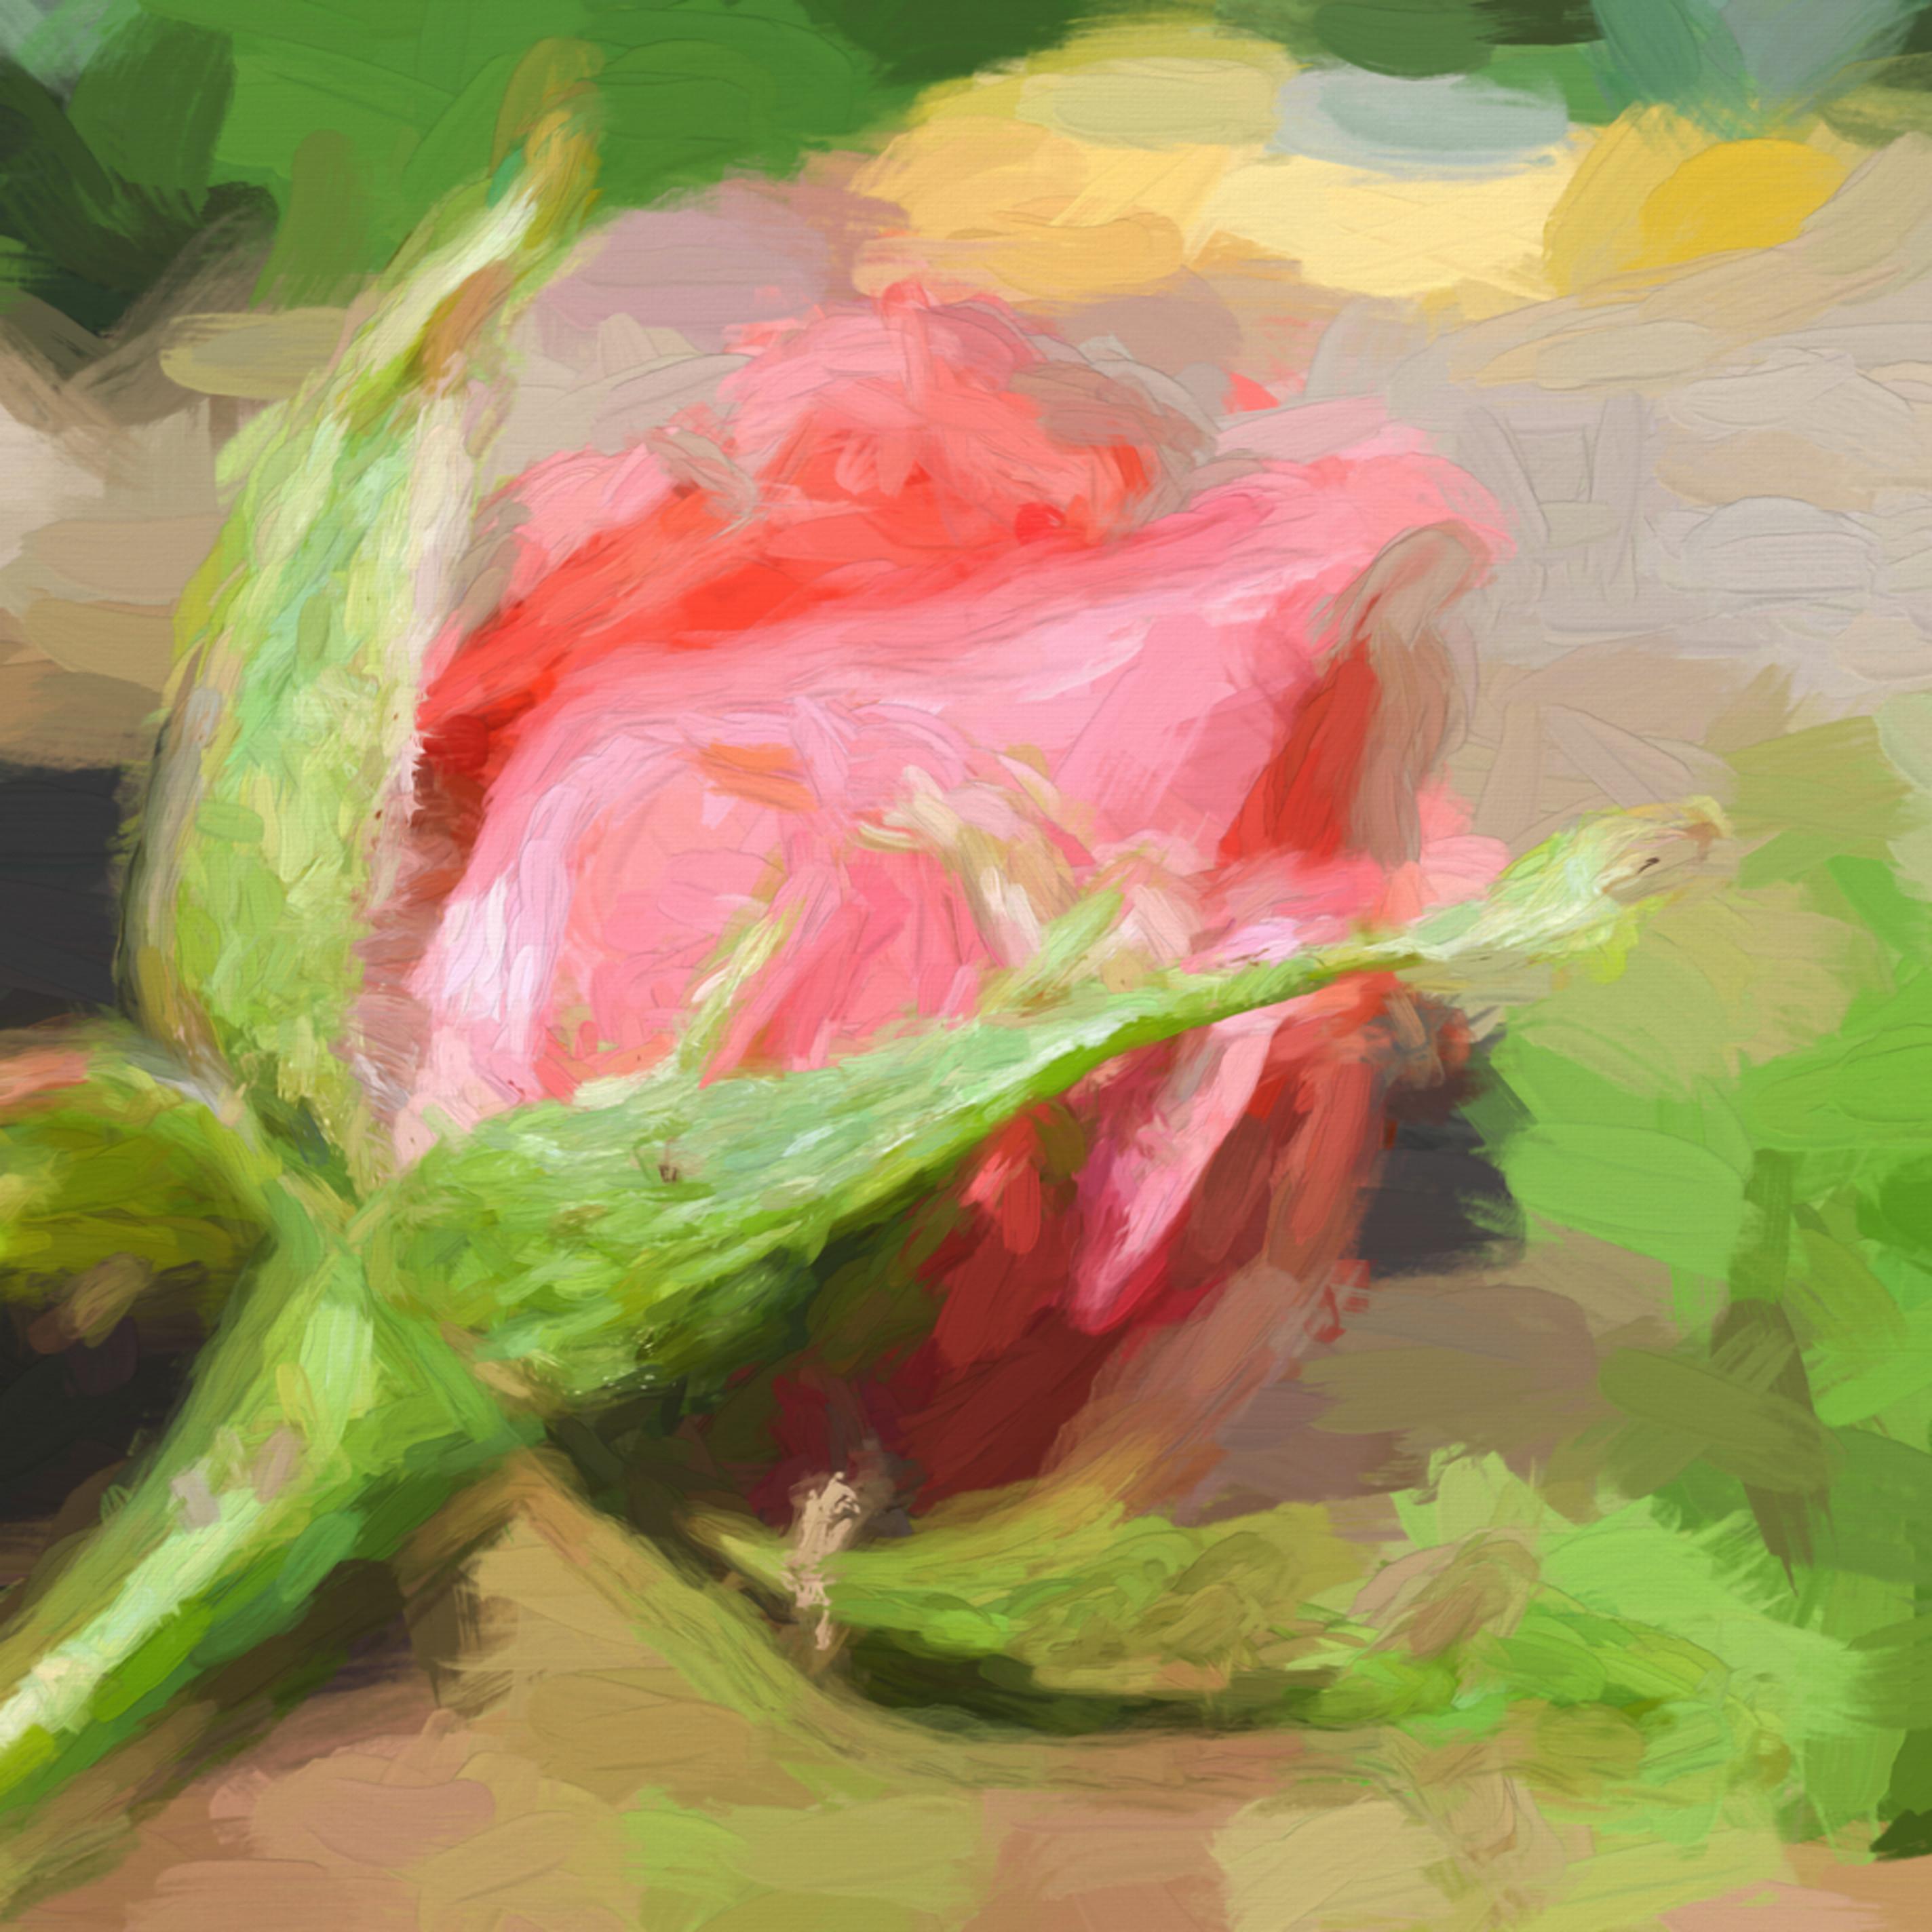 Flower kbjzkl